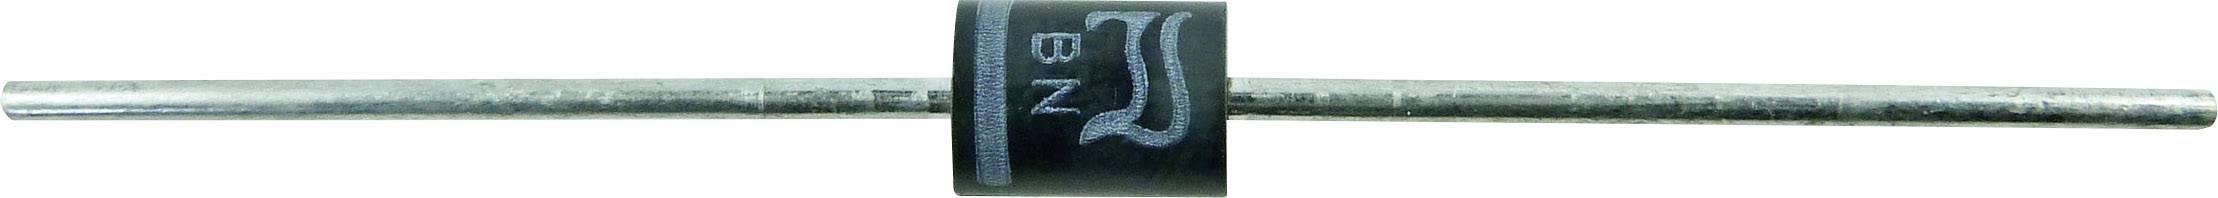 Kremíková usmerňovacia dióda Diotec BY550-400 BY550-400 5 A, 400 V